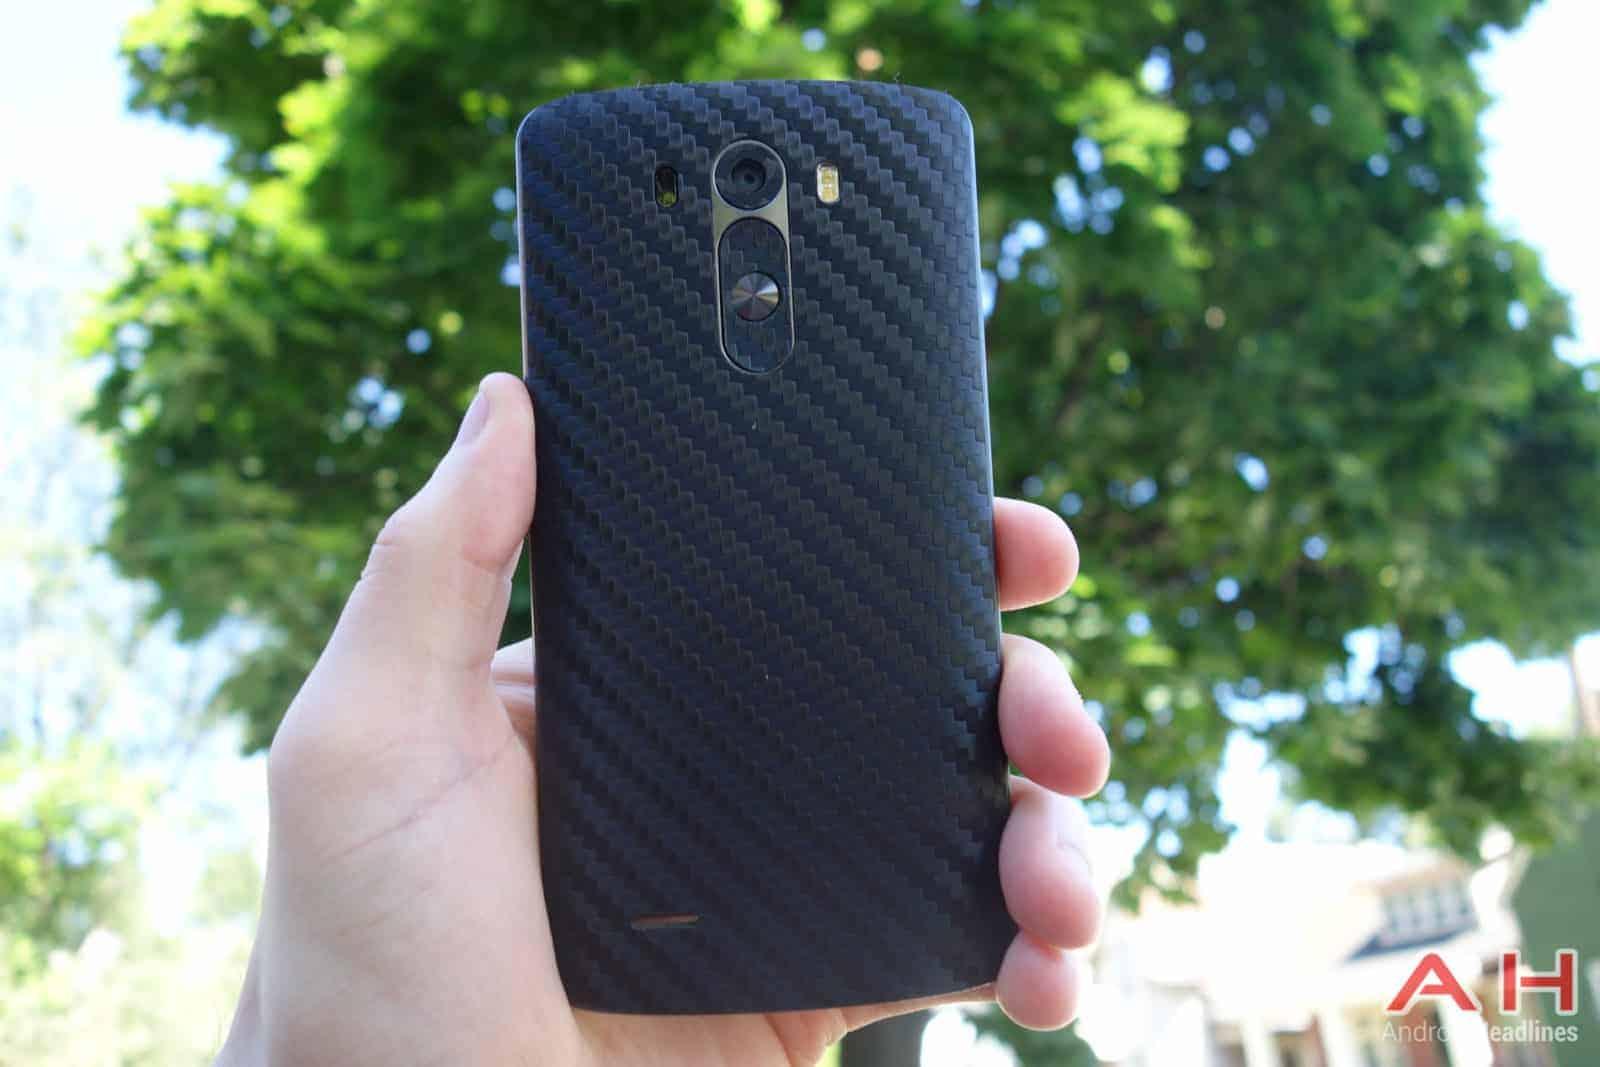 Slickwraps-Black-Carbon-Fiber-LG-G3-AH-7